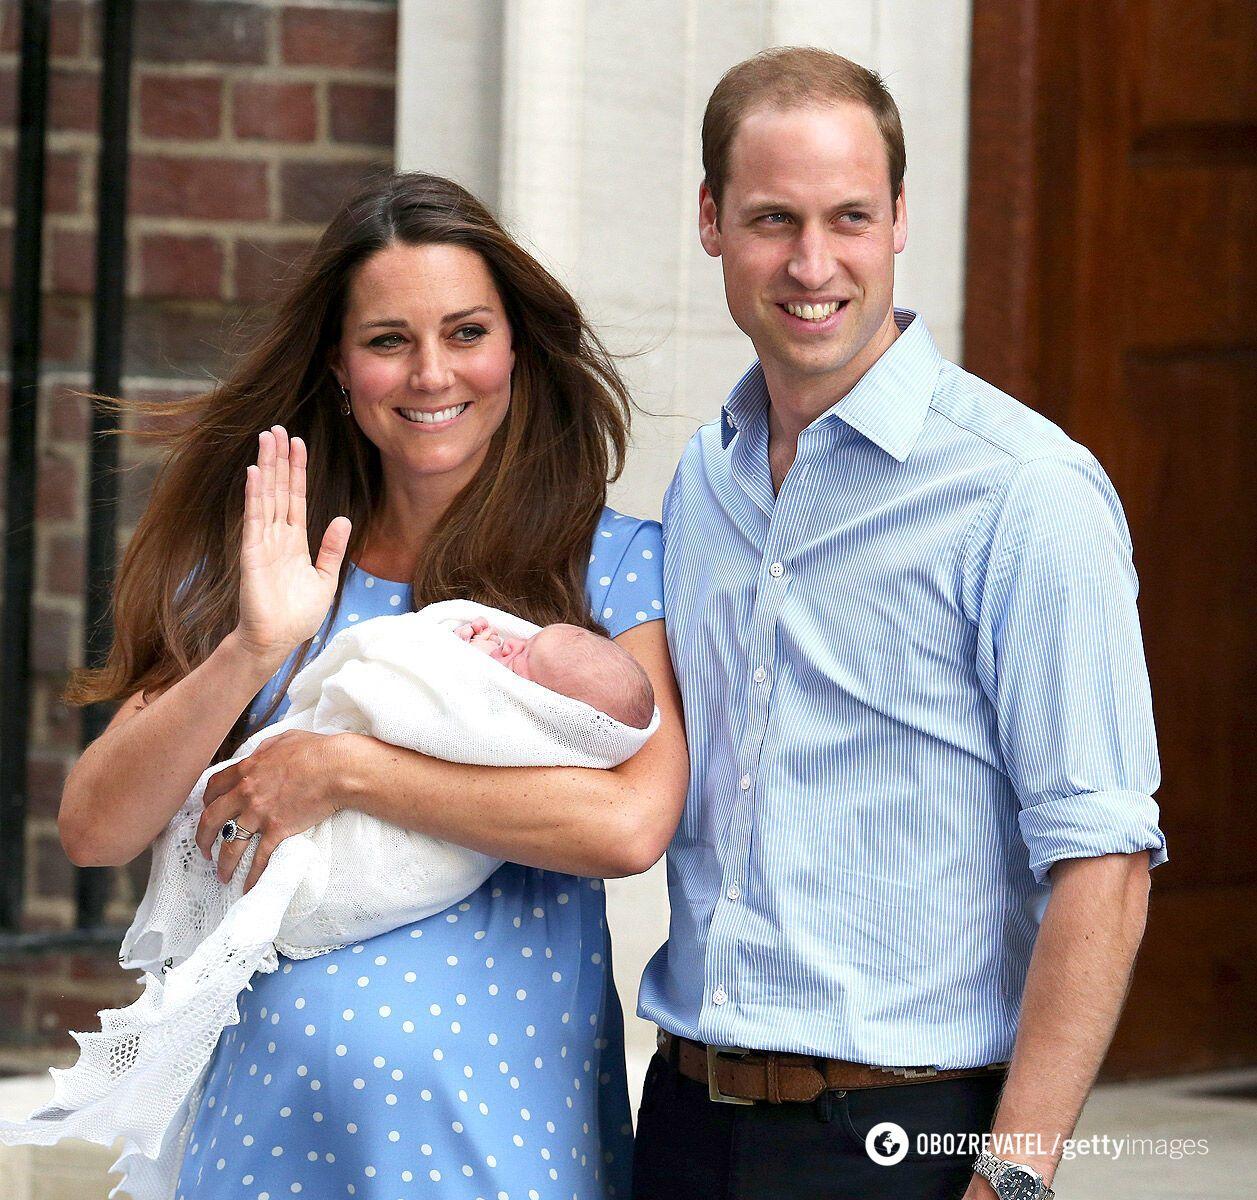 Кейт Миддлтон и принц Уильям после рождения принца Джорджа